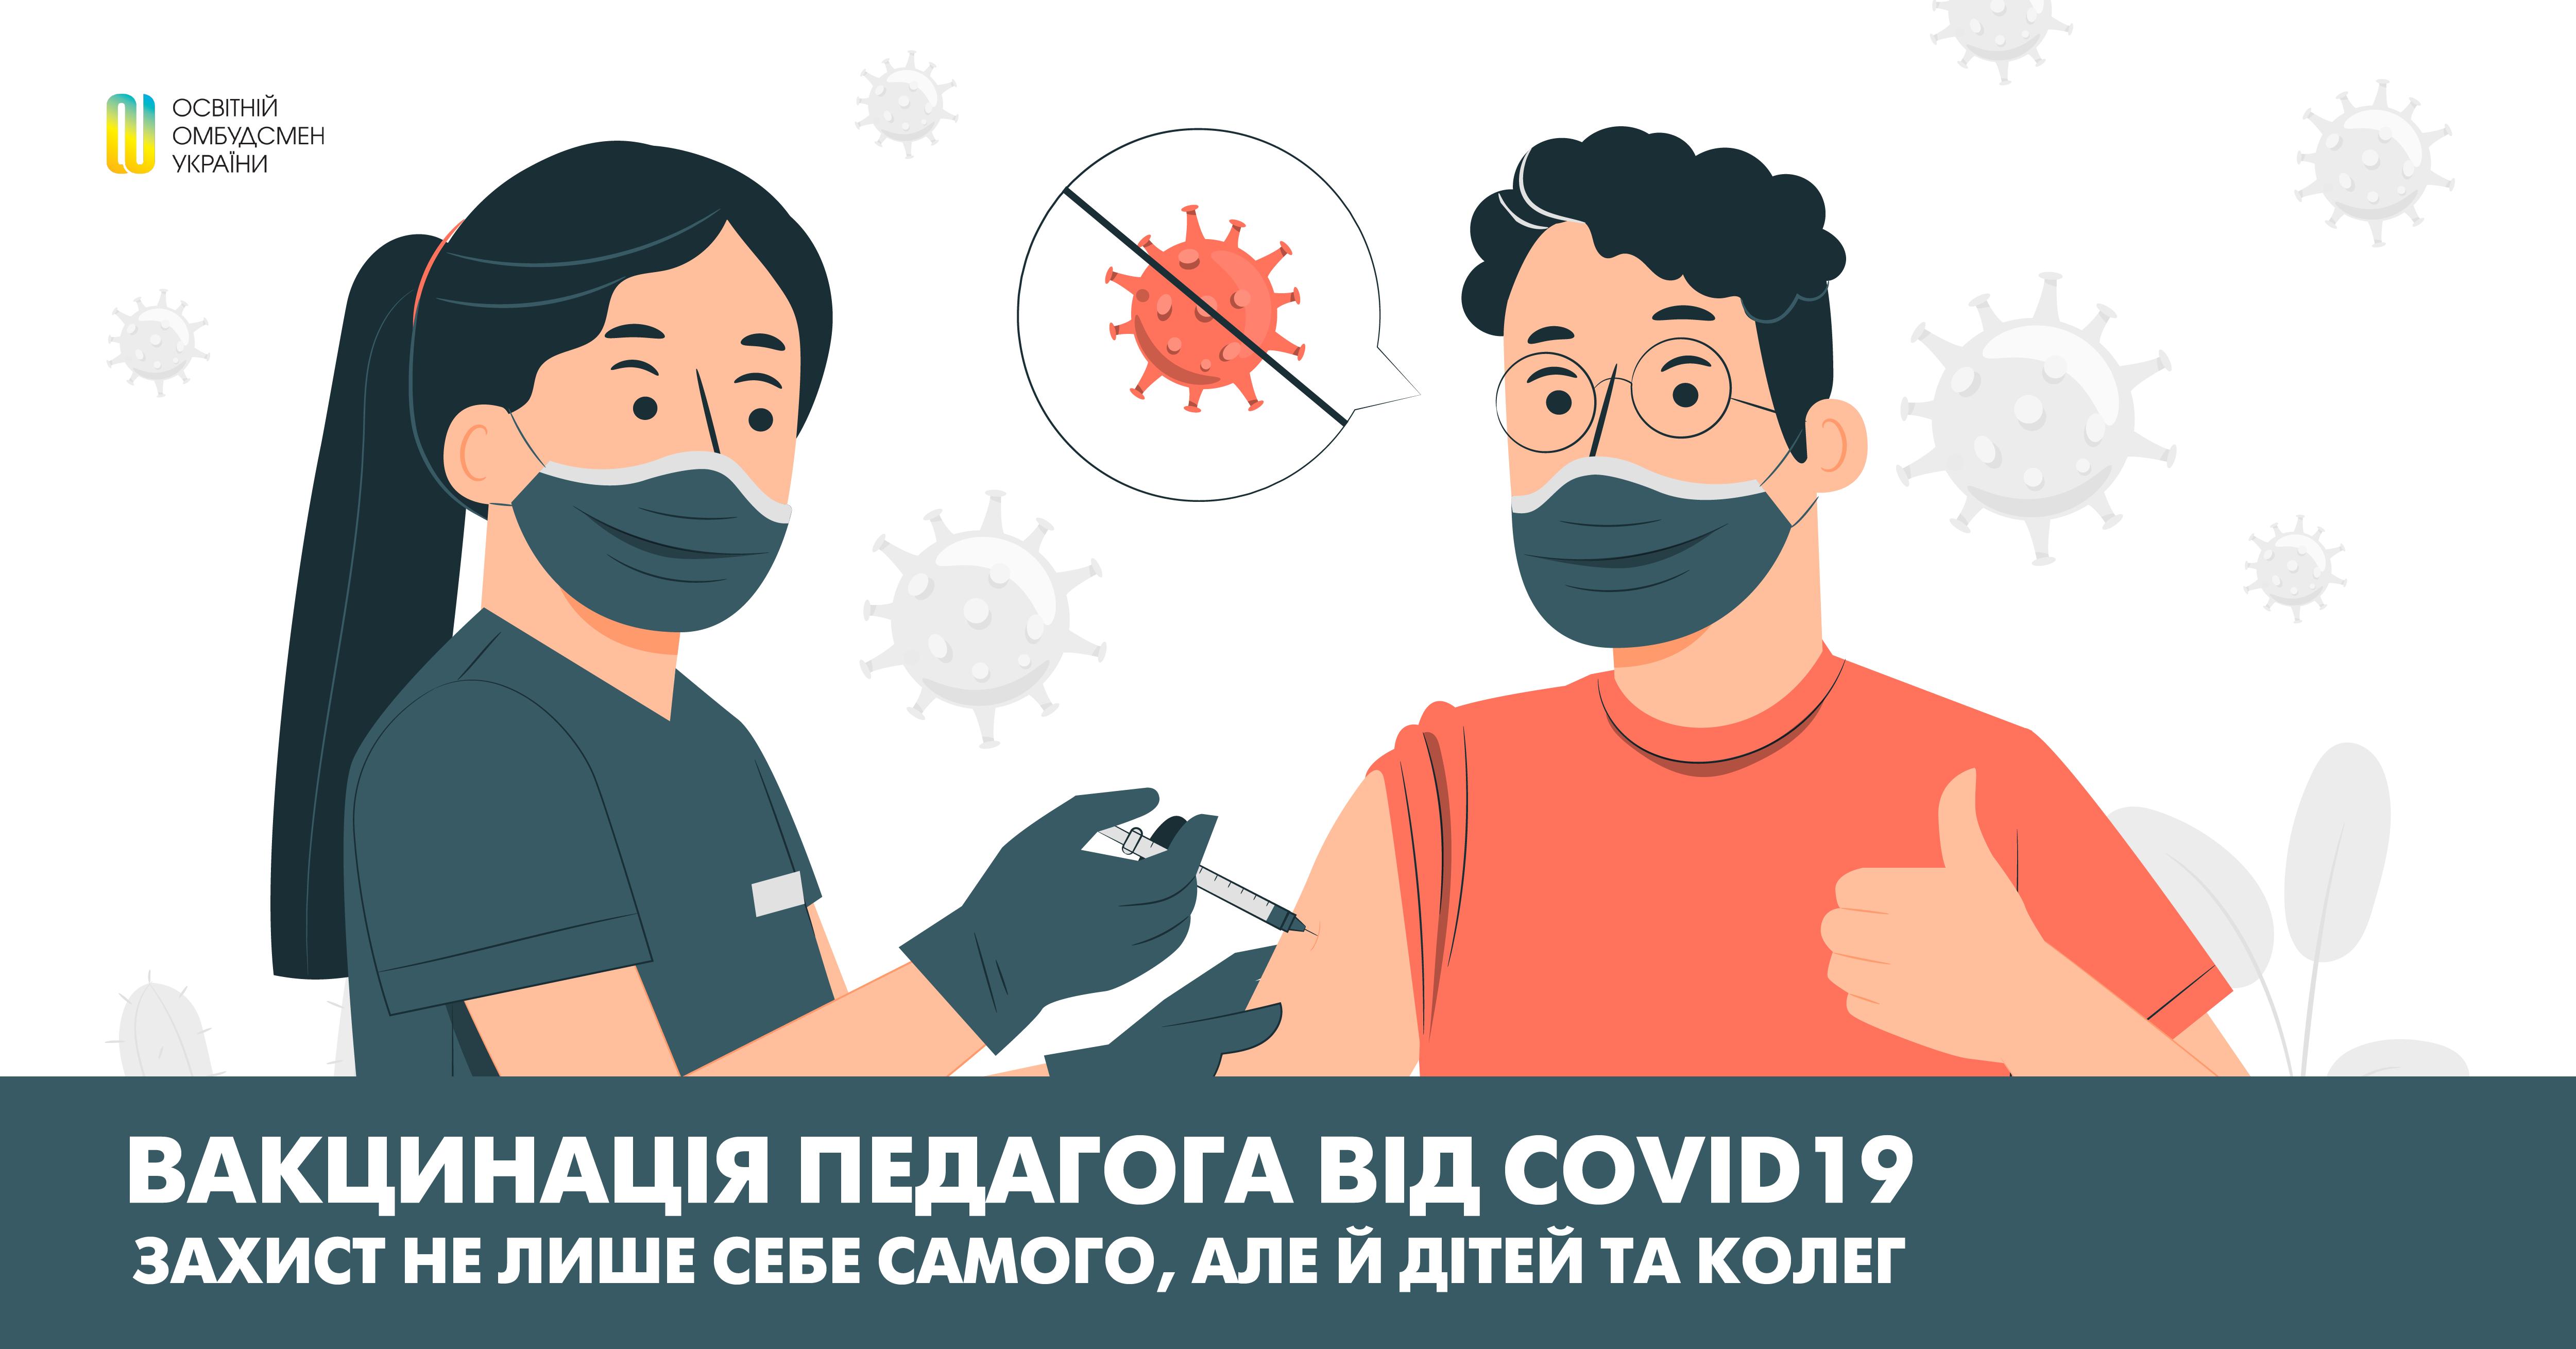 Педагоги, вакцинуйтеся й отримуйте призи